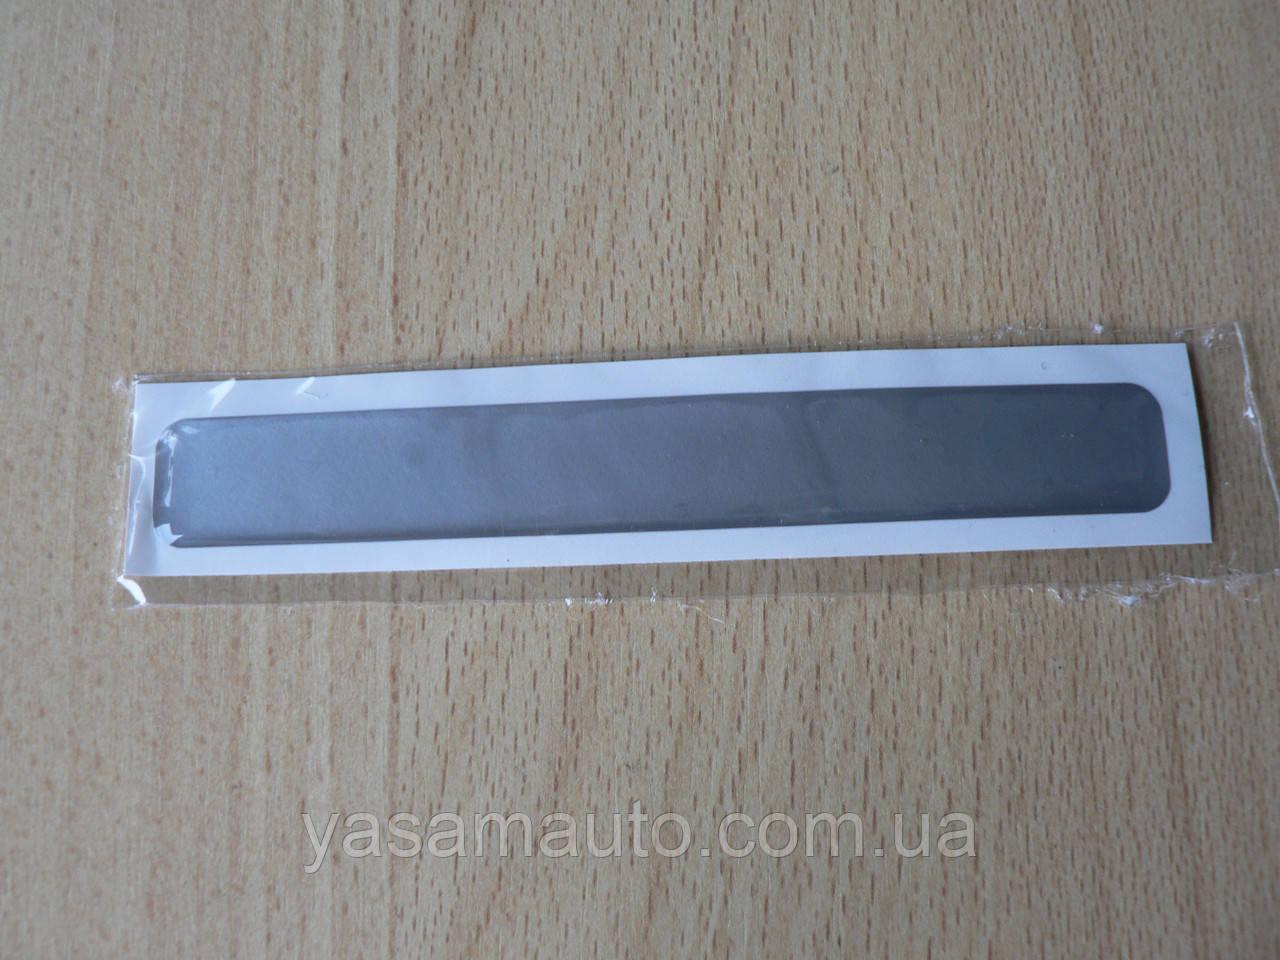 Наклейка s силиконовая Полоса 120х16х1мм серая без надписи на авто